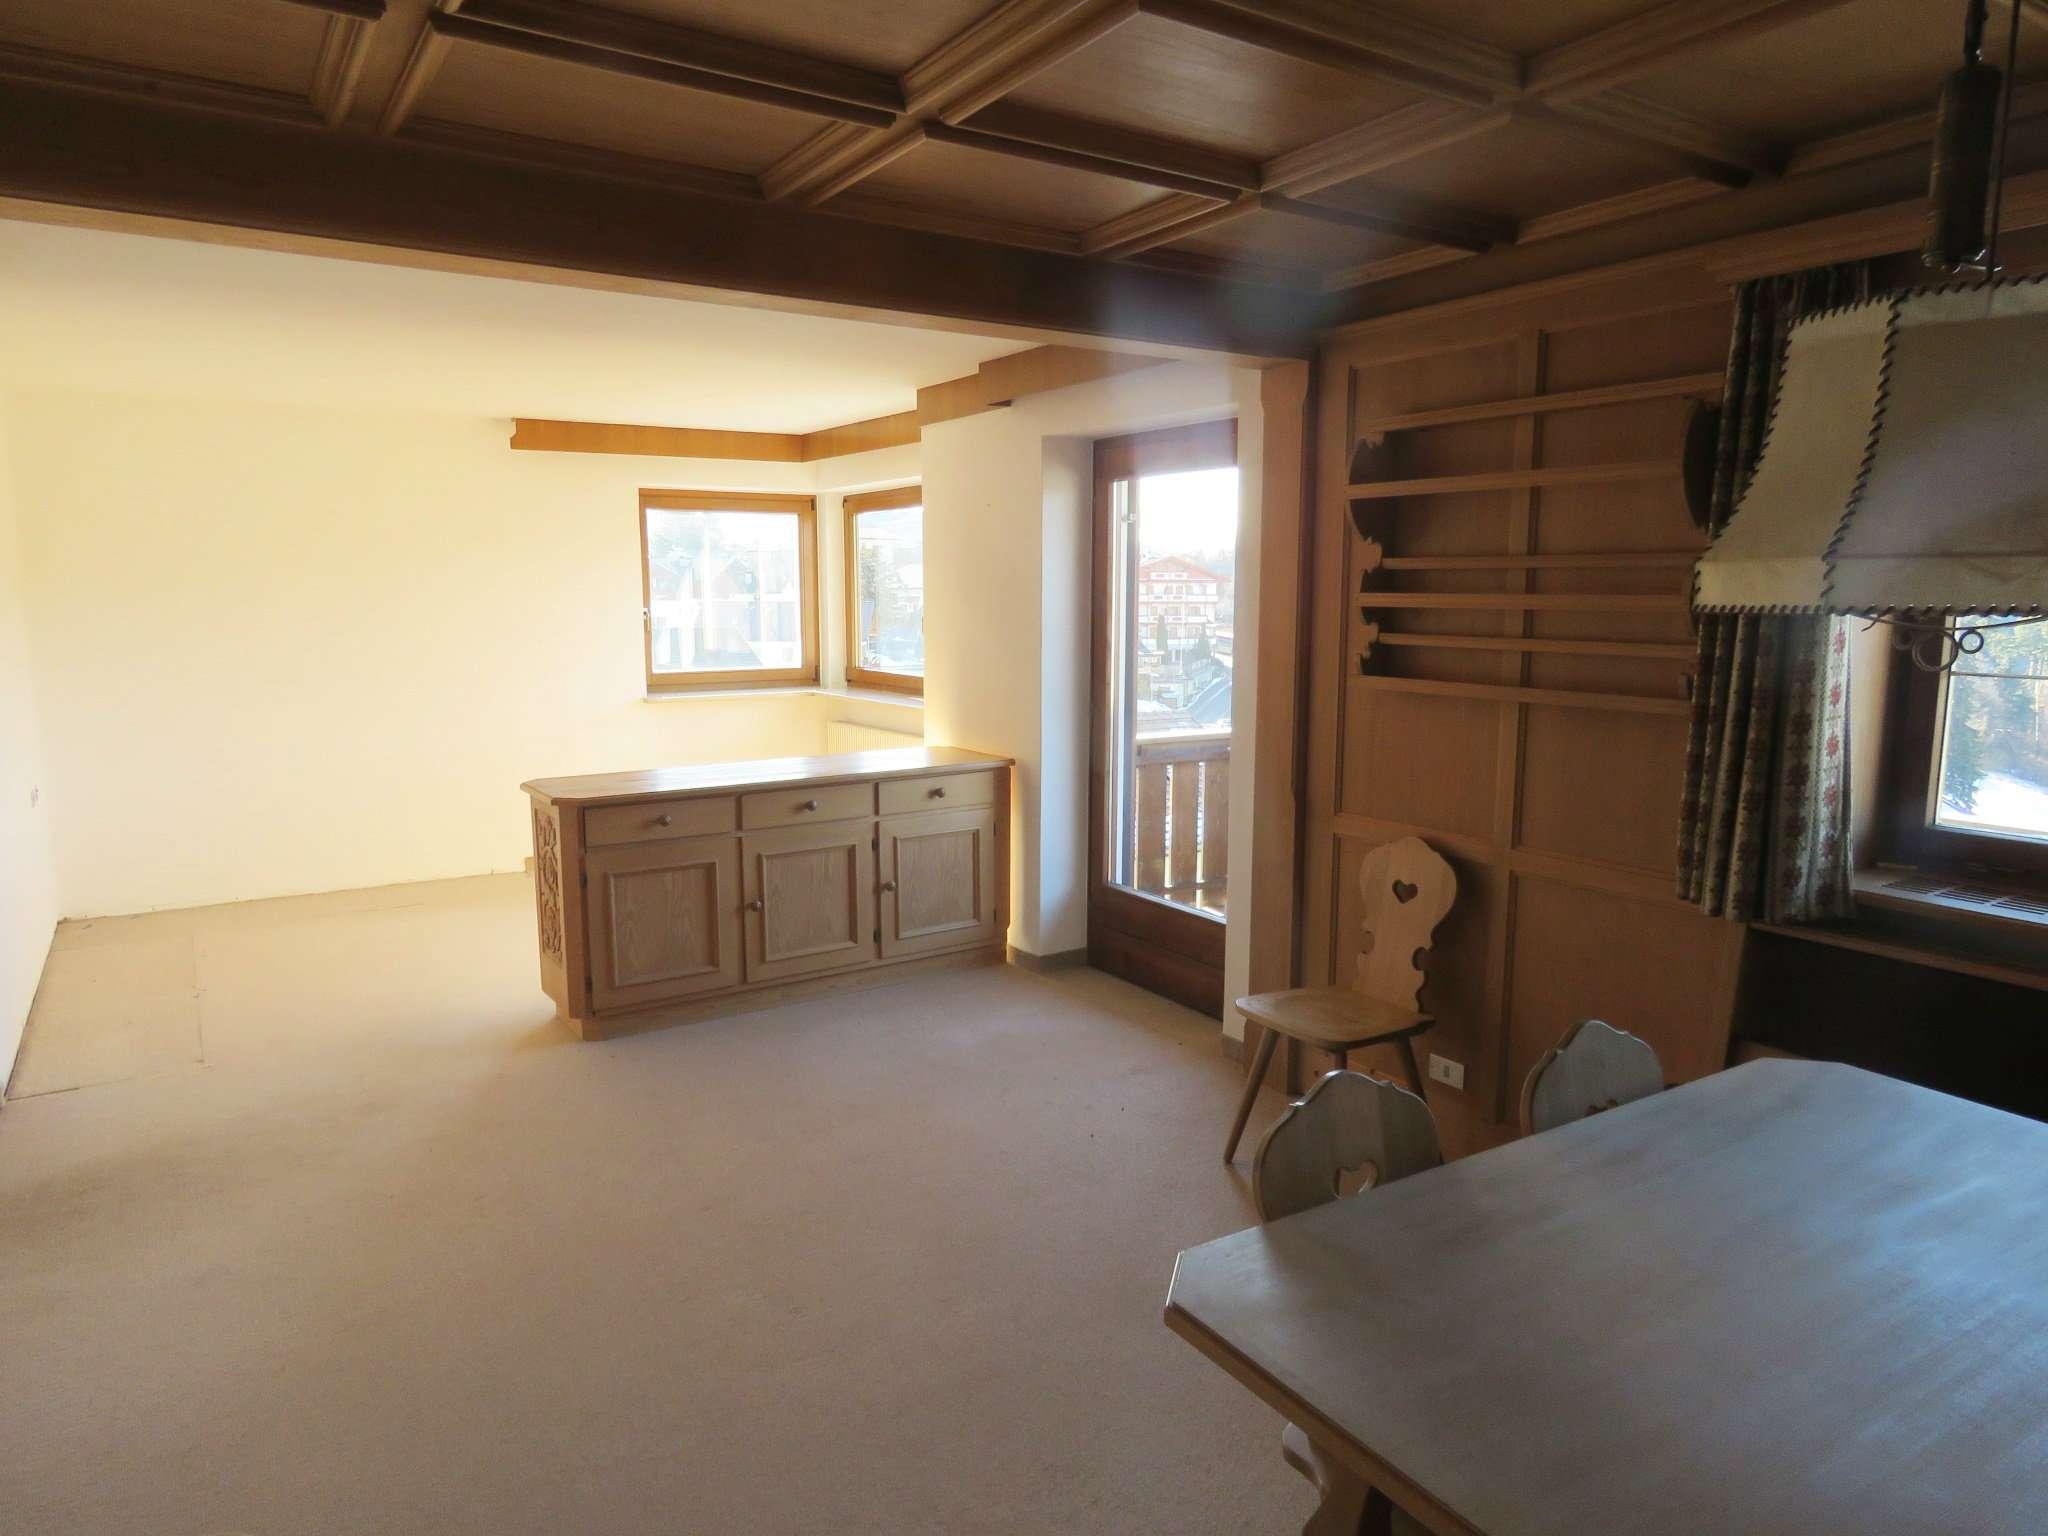 Attico / Mansarda in vendita a Castelrotto, 4 locali, prezzo € 495.000   Cambio Casa.it